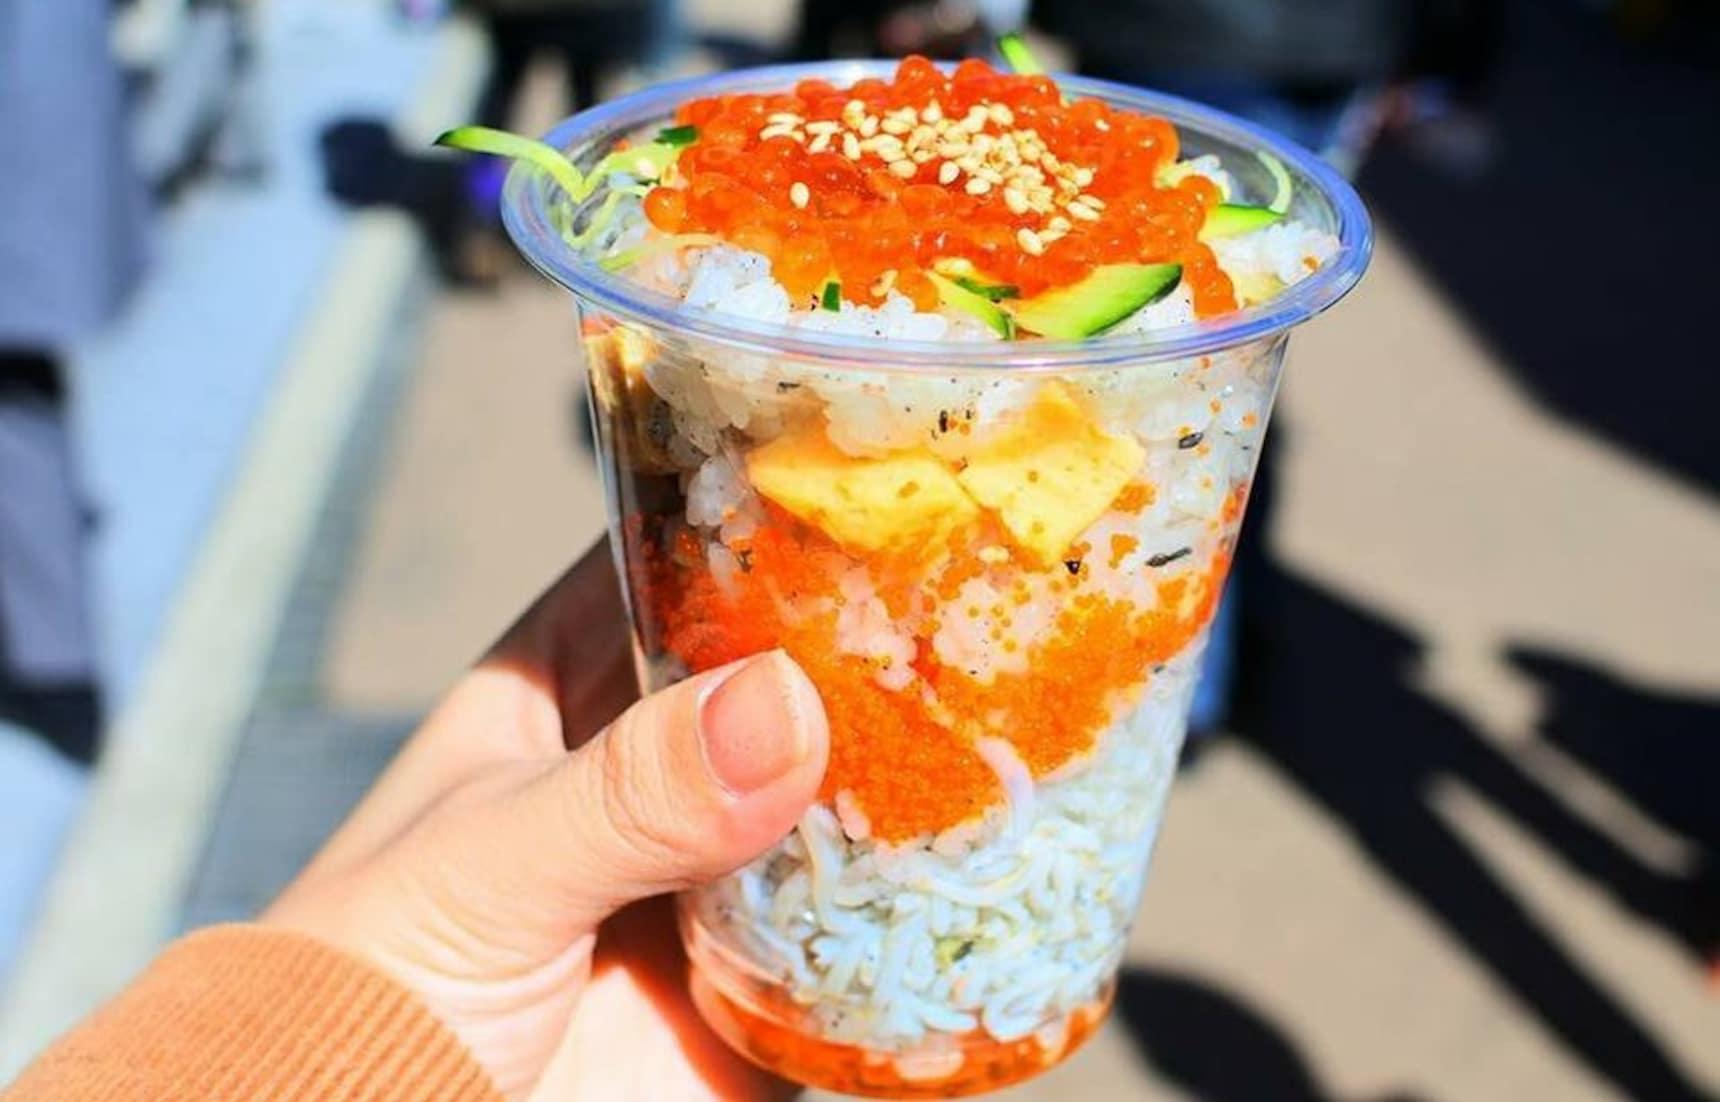 【鎌倉自由行】適合邊走邊吃的10款鎌倉美食